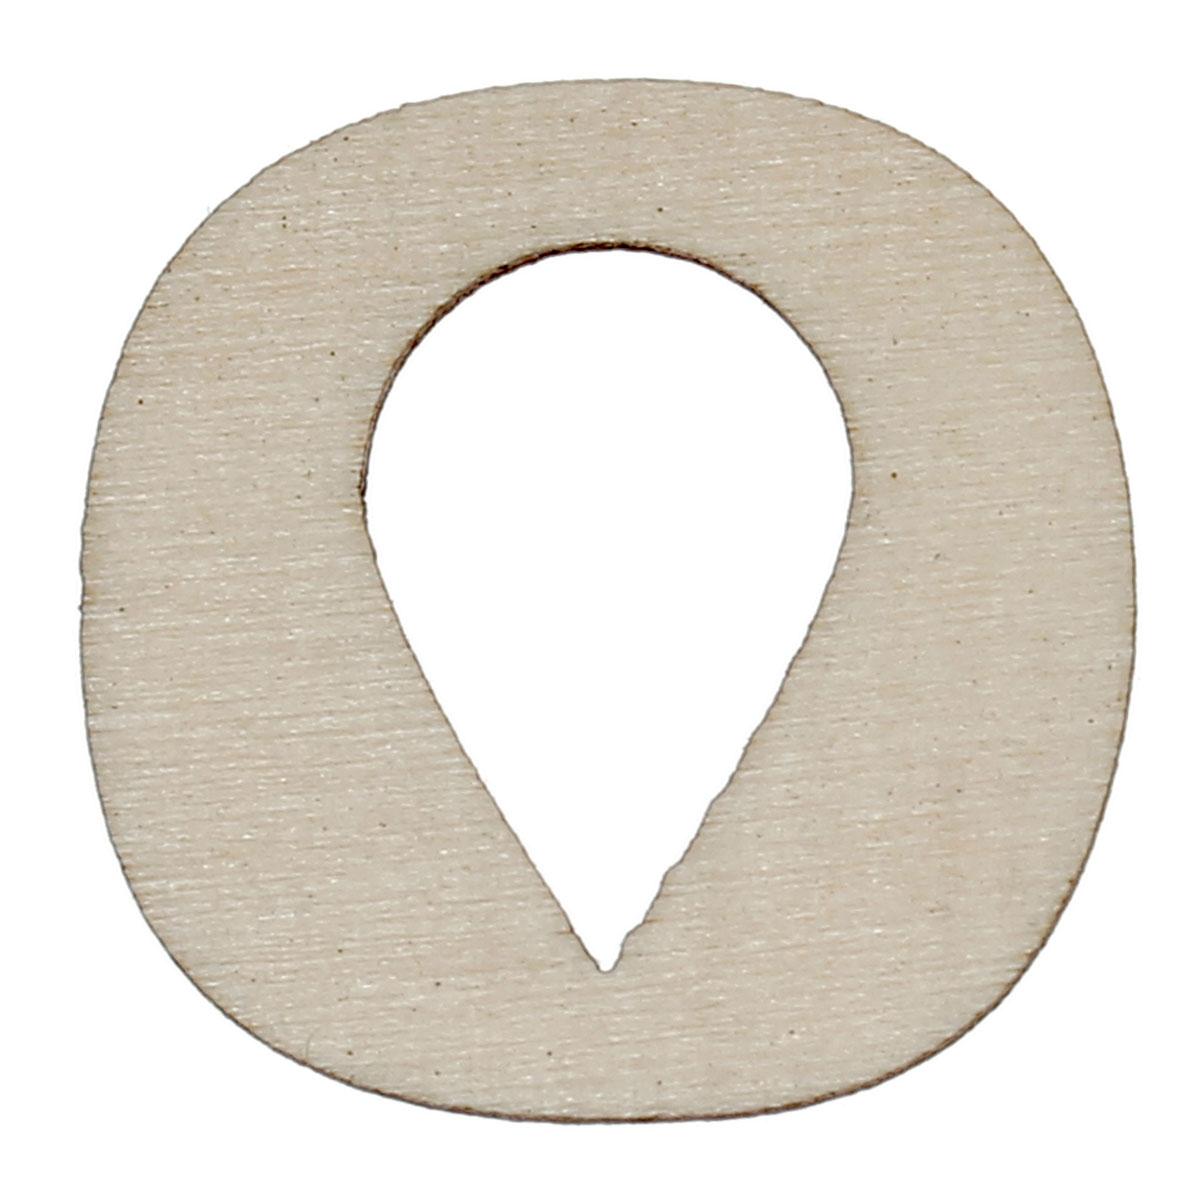 Legno scrapbooking ornati e decori art craft collection quadrato naturale  goccia hollow 25mm (1 ) x 25mm (1) 06869f964910